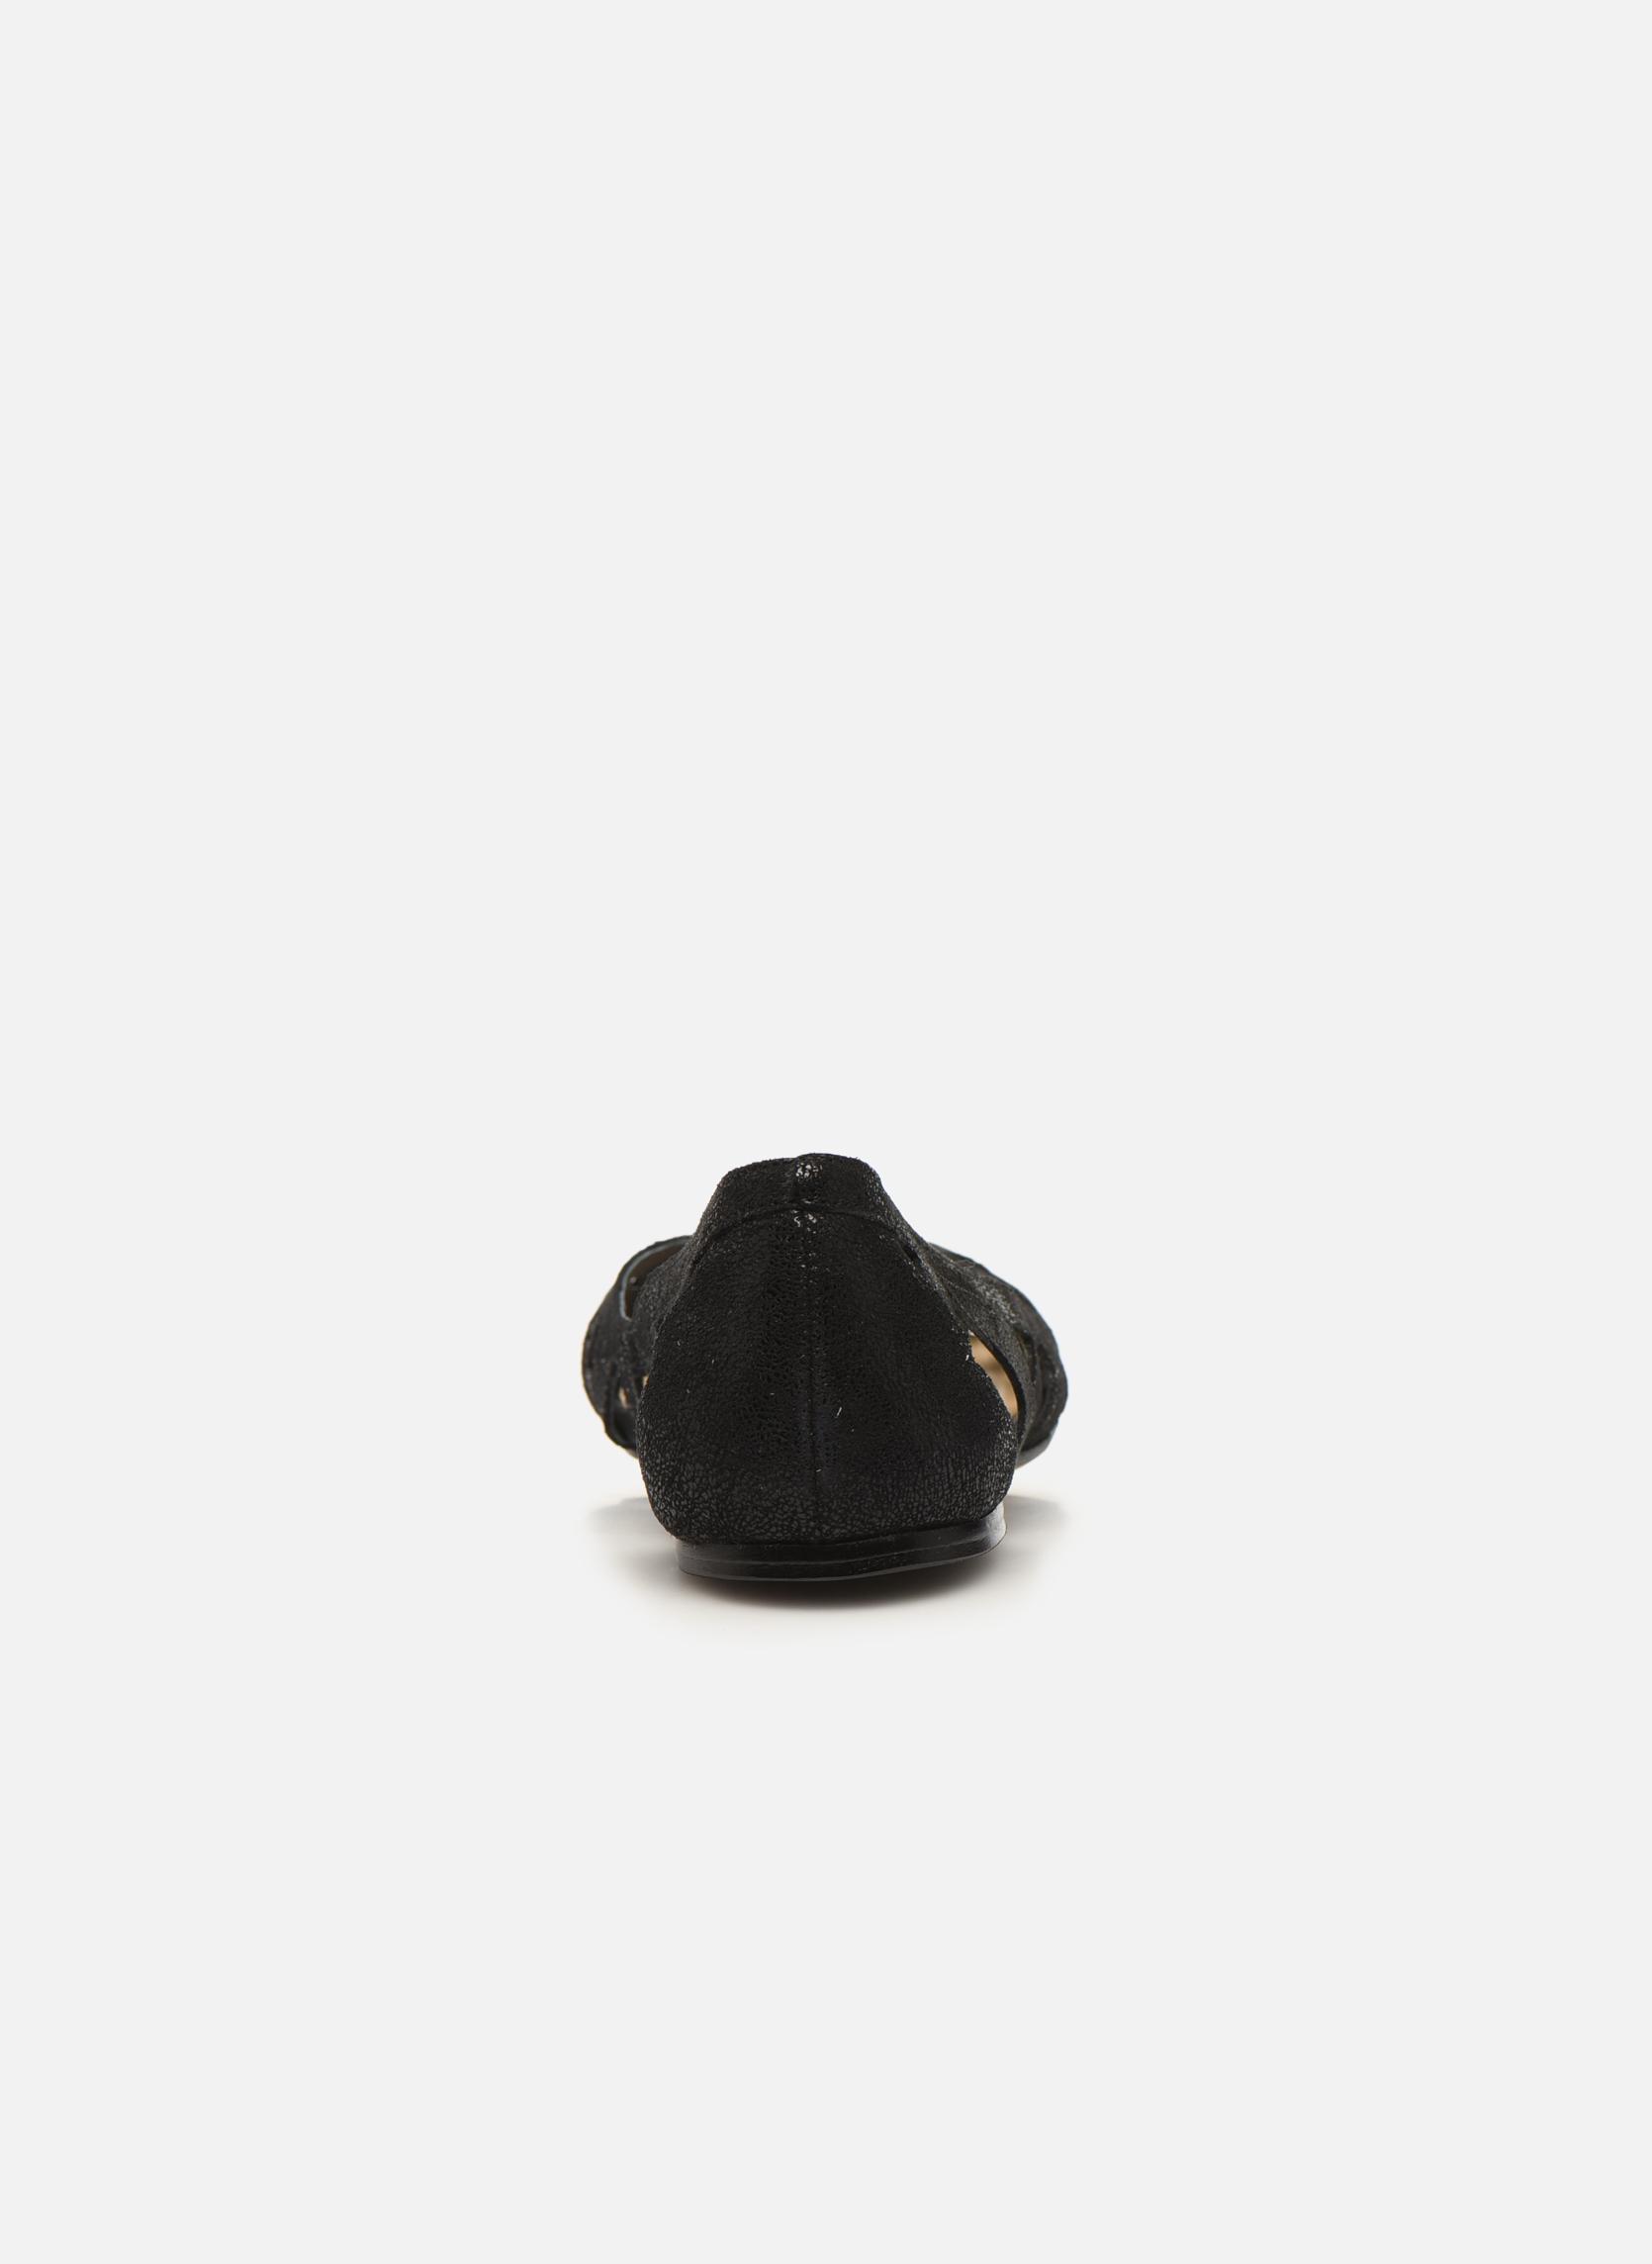 DERAY croute laminé noir